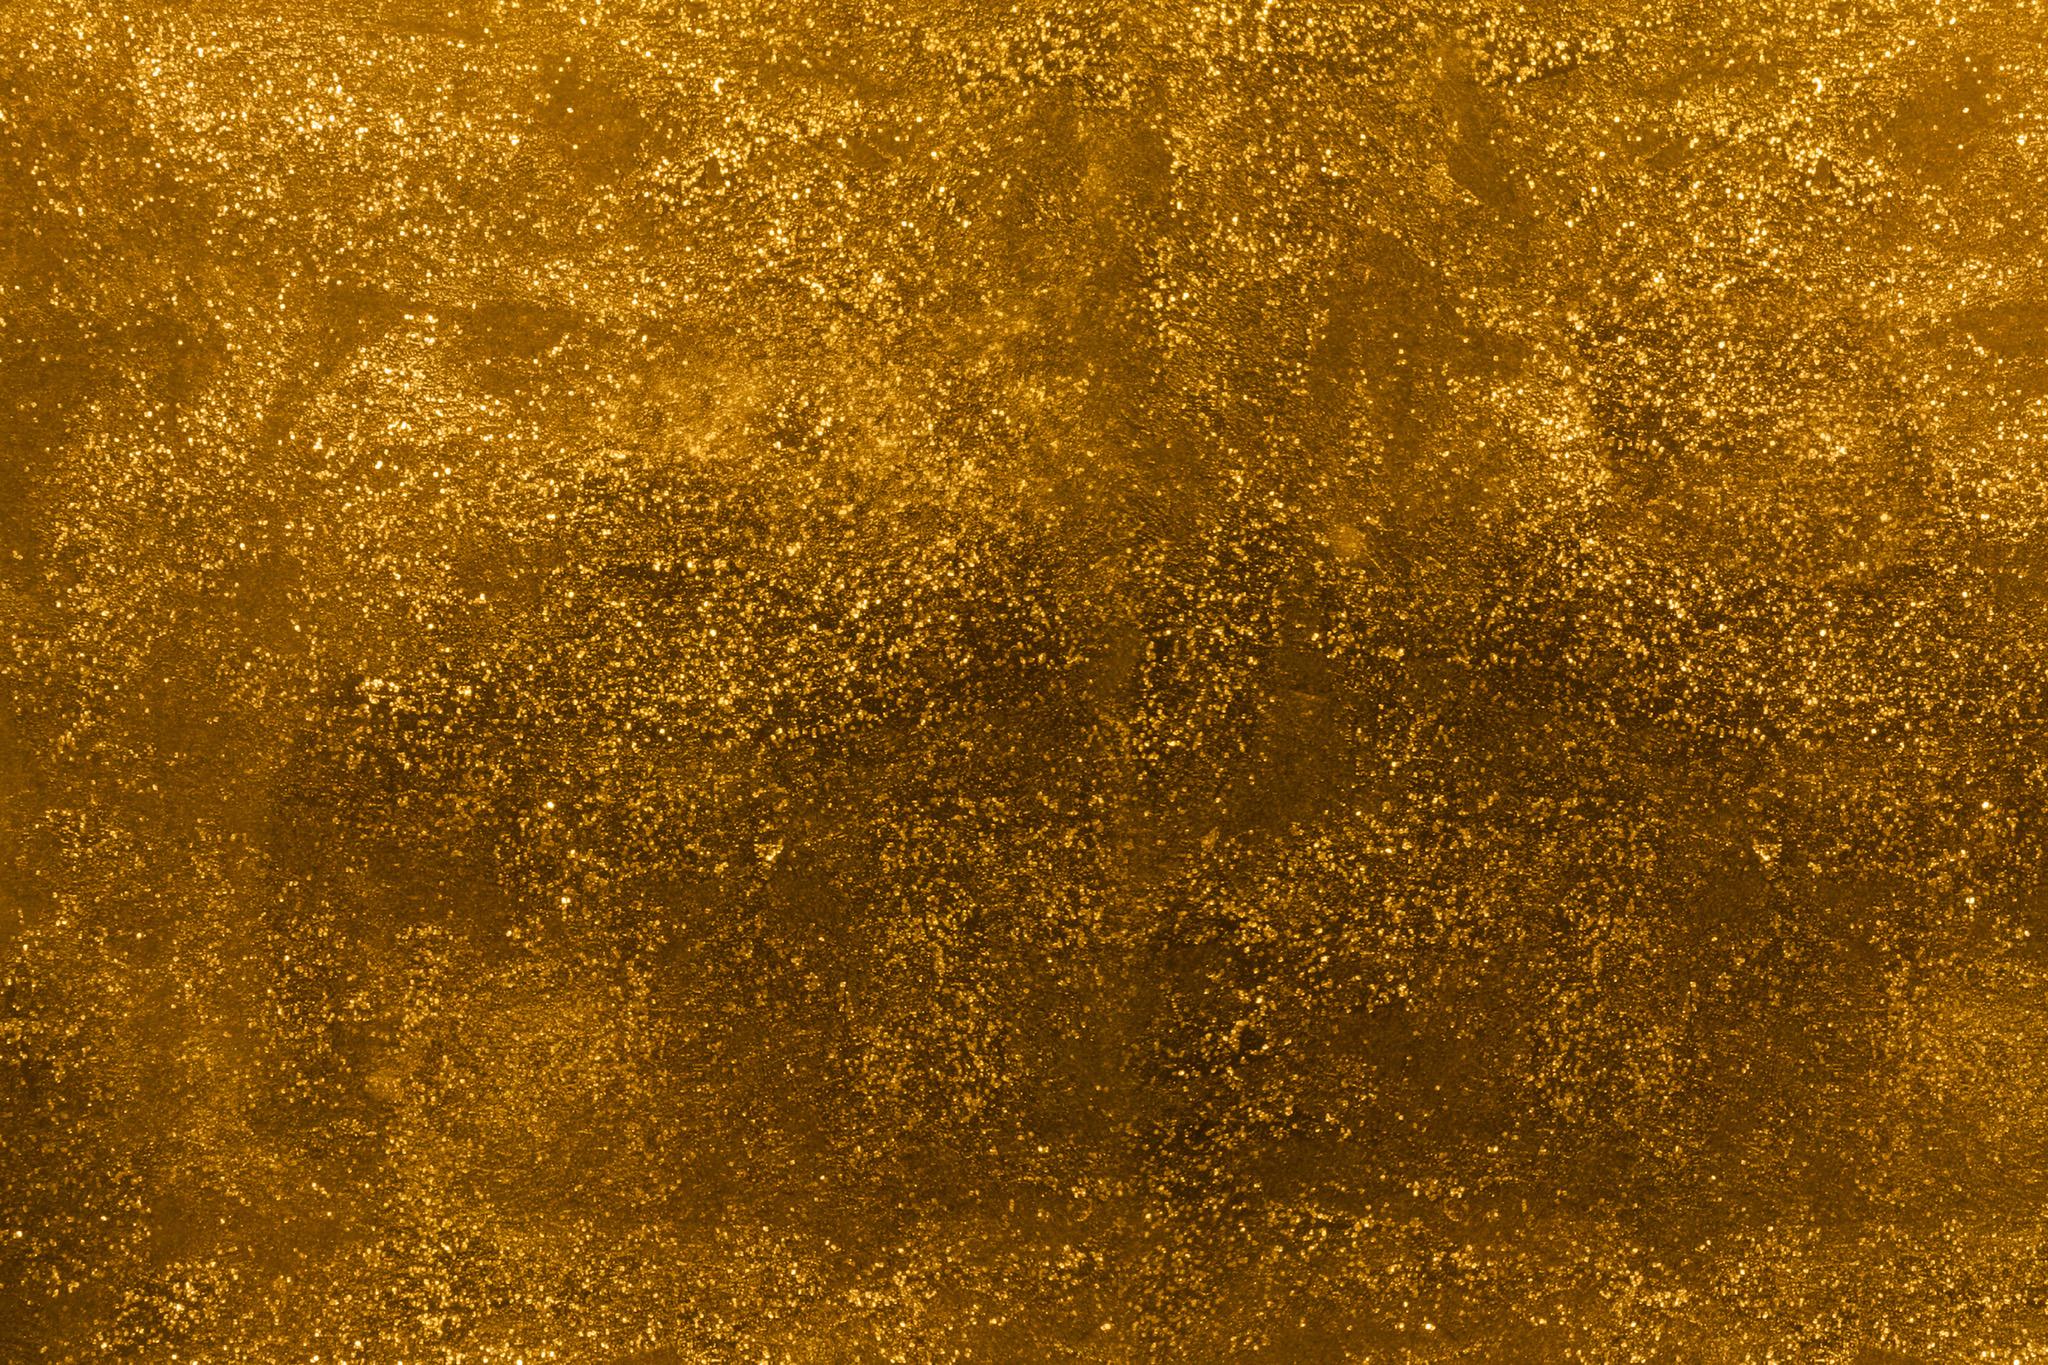 「金色のザラザラとした表面」